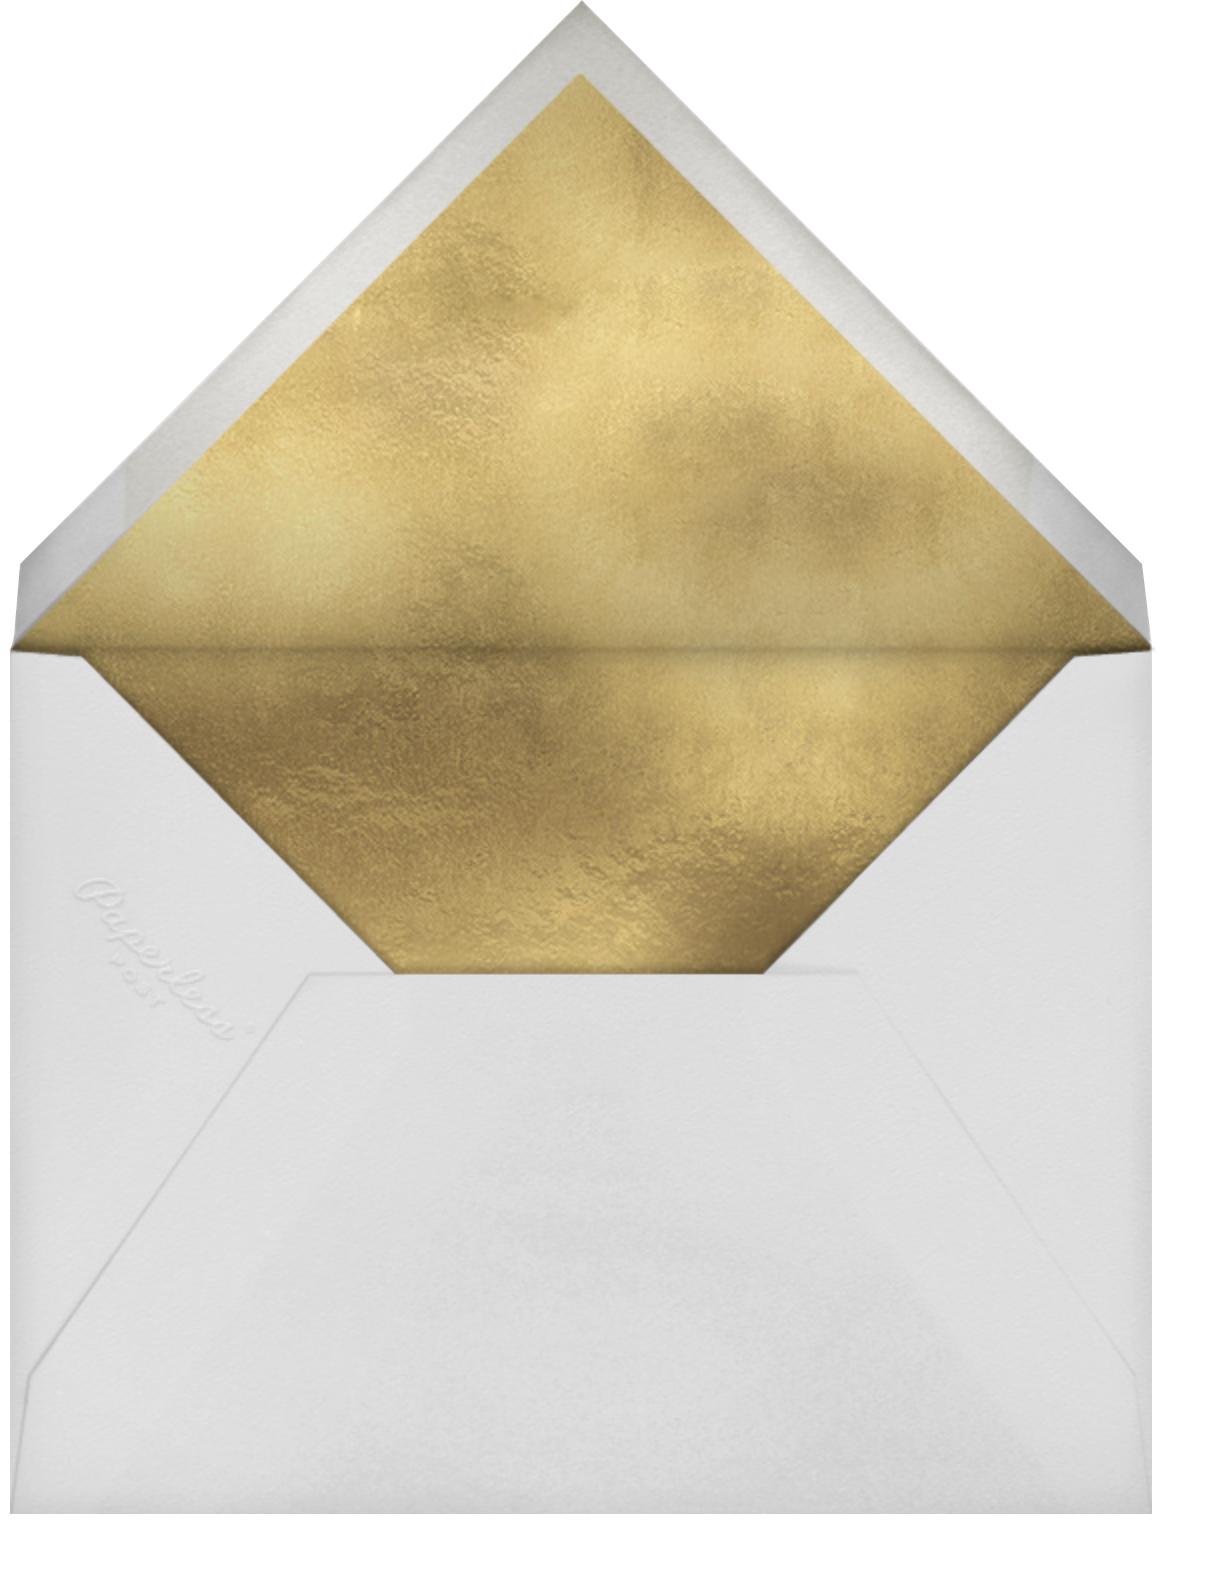 Kissapöllö - White - Marimekko - General entertaining - envelope back